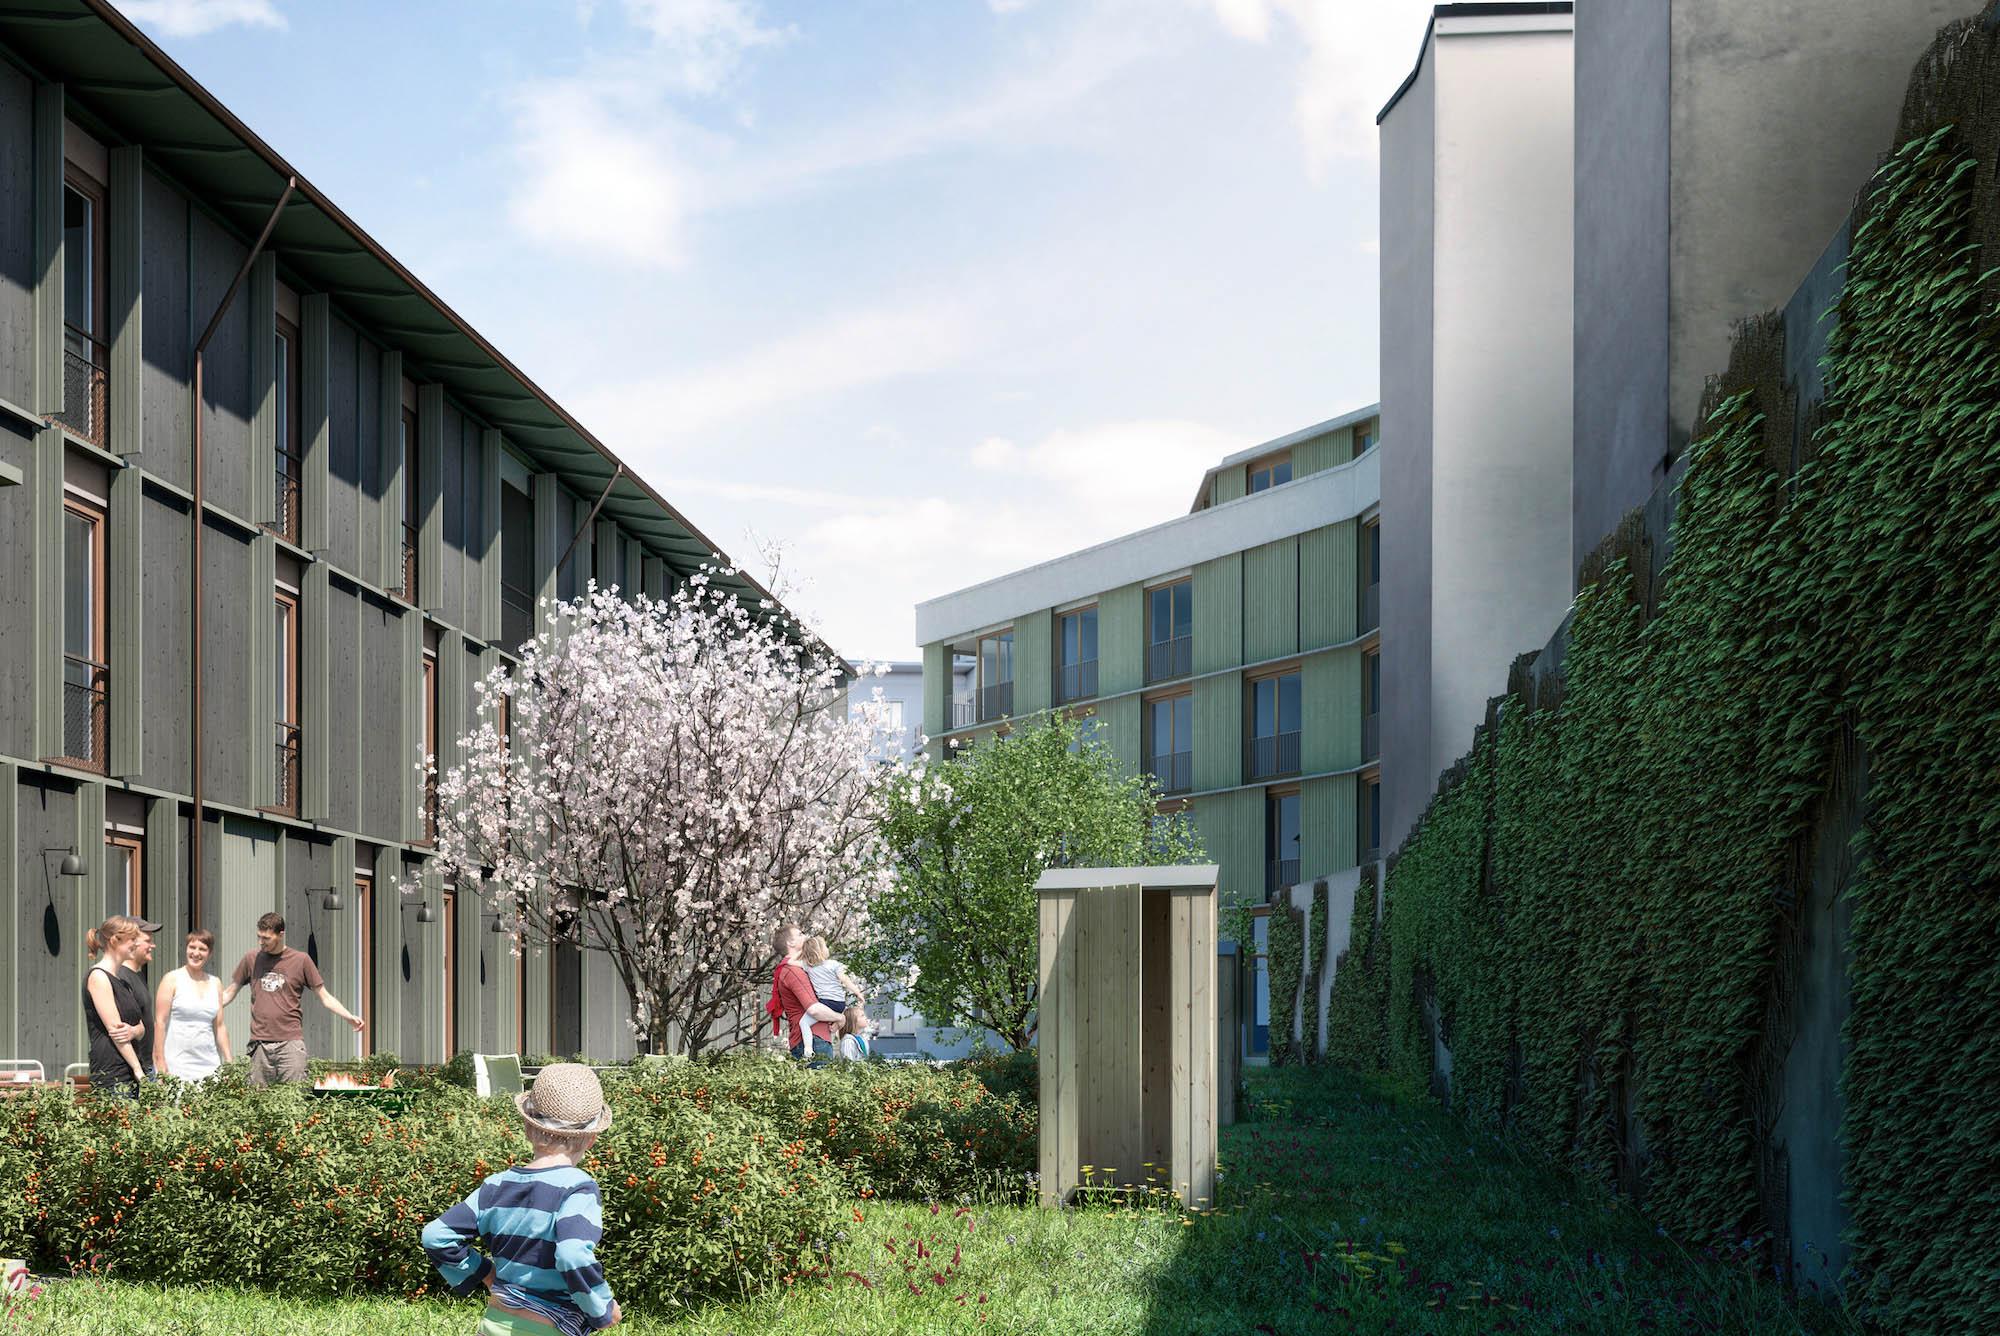 55 Wohnungen werden an der Maiengasse/Hebelstrasse vermietet. 28 davon mit Bonus.